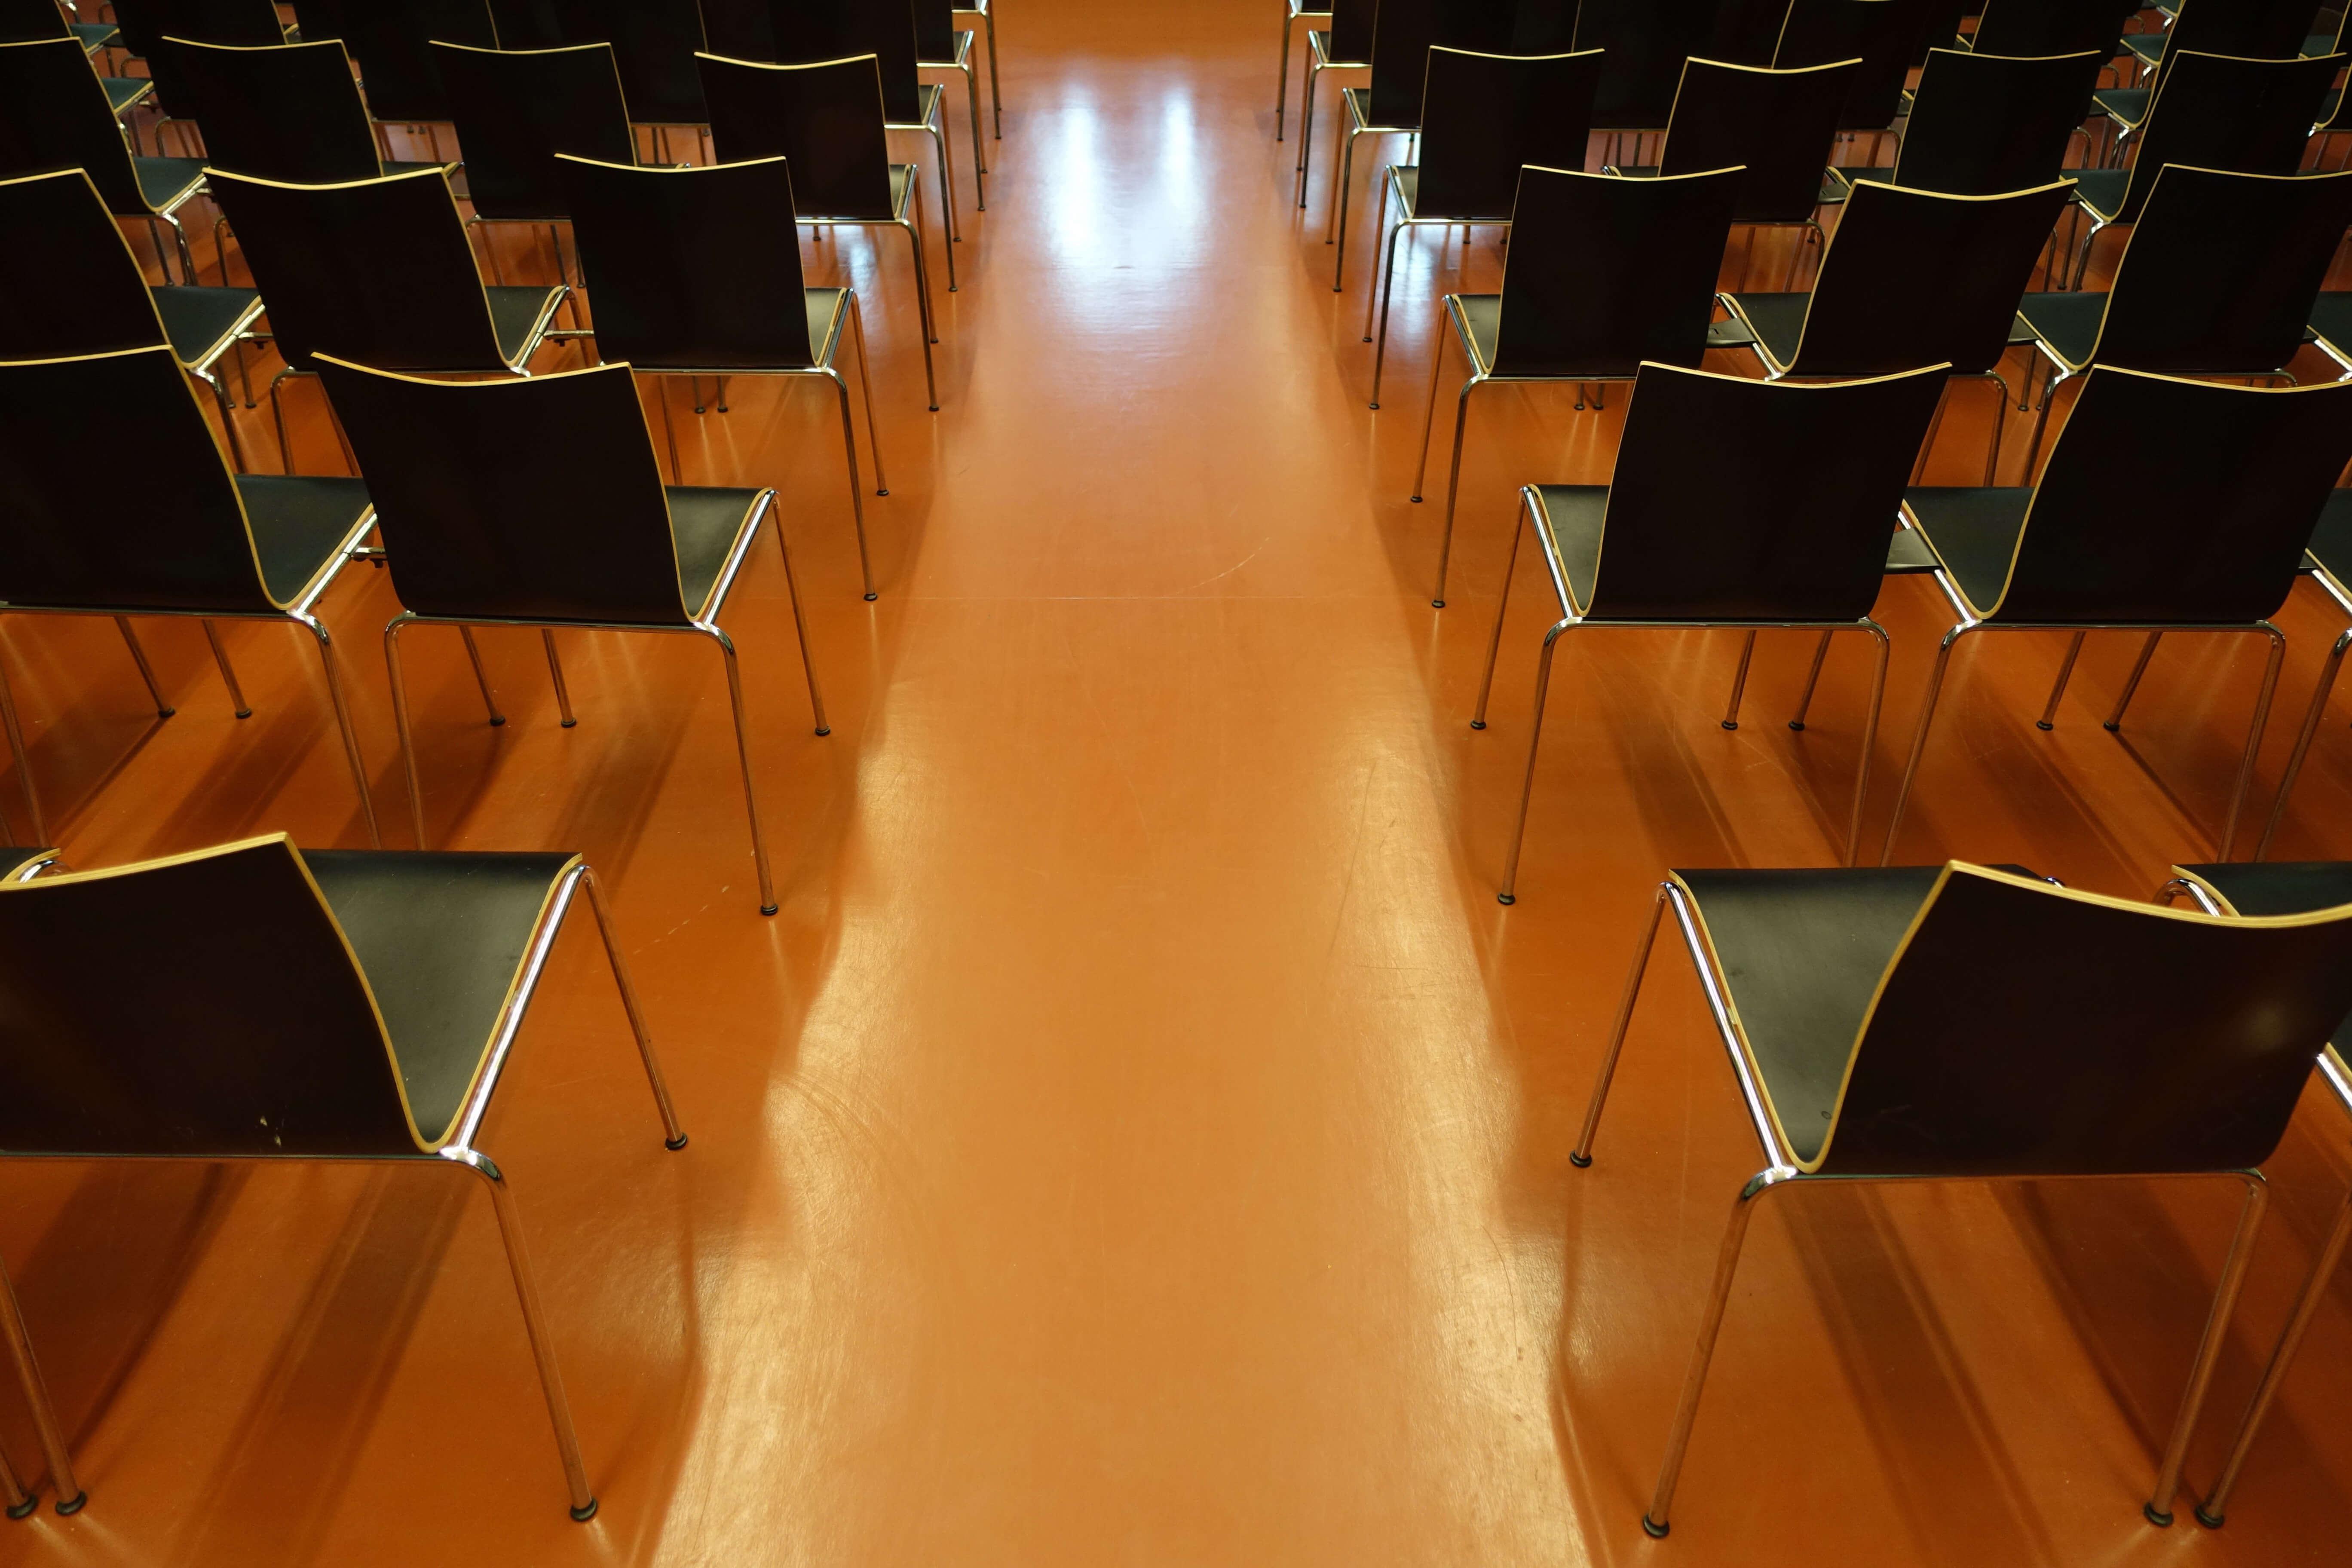 Das Schulhaus bietet geeignete Kurslokalitäten